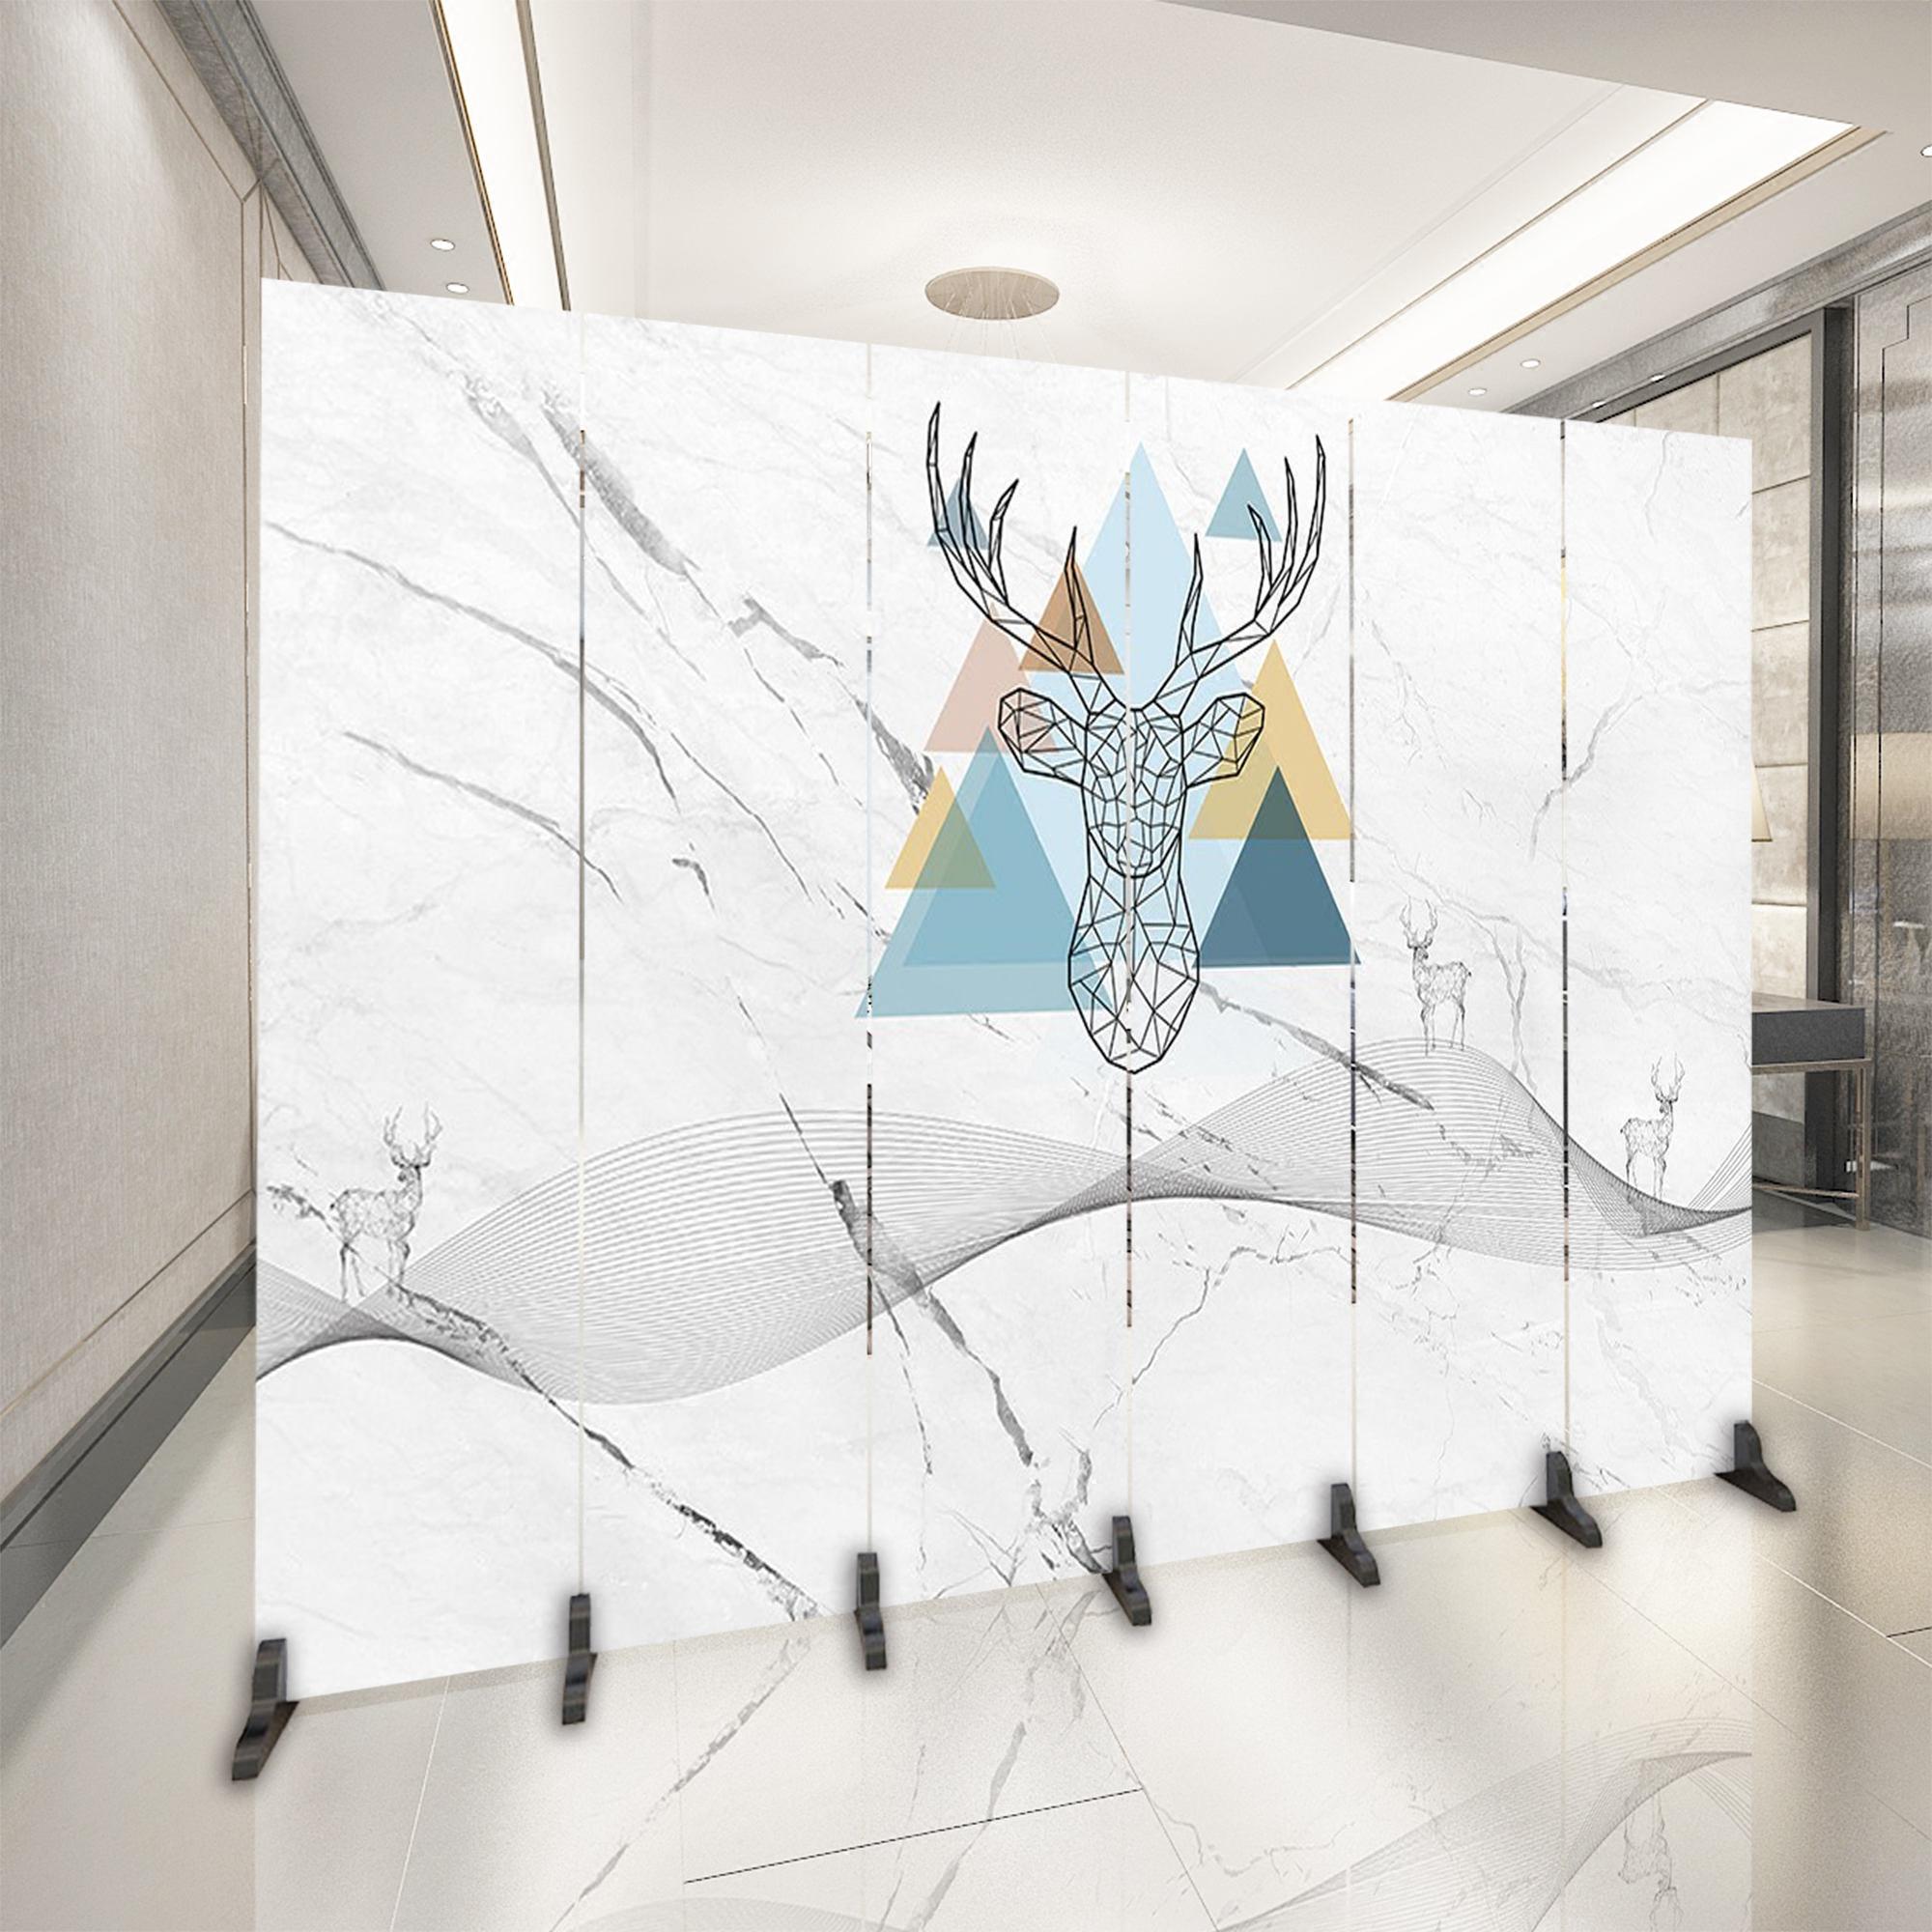 Континентальный сложить экран отрезать простой современный магазин гостиная спальня офис комната косметология больница модель кровать мобильный сложить экран